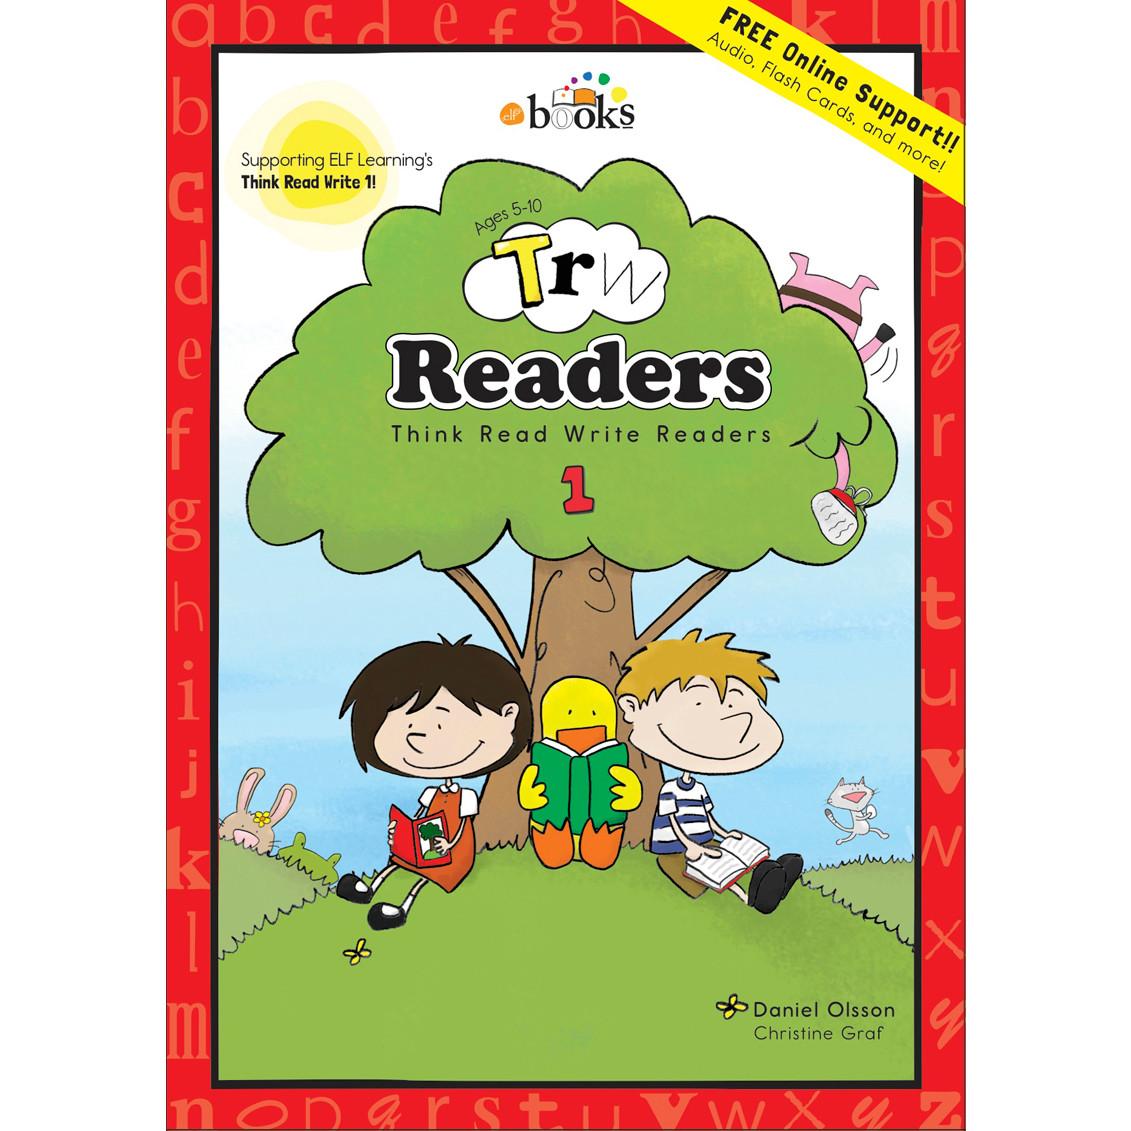 【幼児・小学生にオススメ 英語教材】シンク・リード・ライト 1 (読解編) Think Read Write 1, Readers